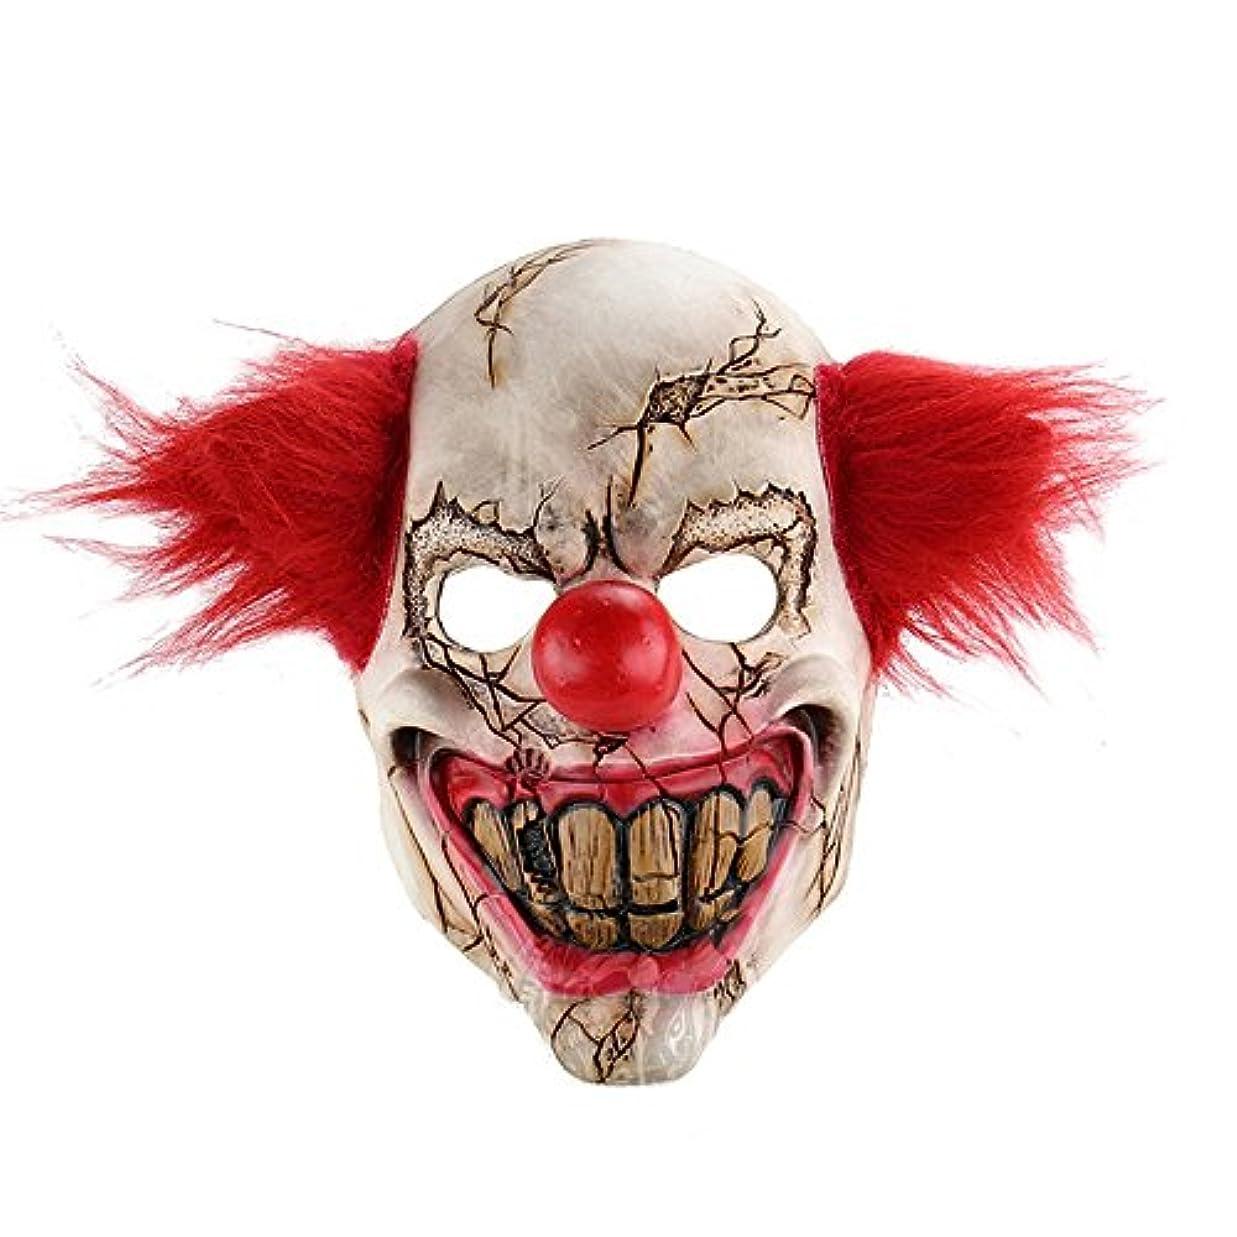 スペア反応するアベニューホラーゴーストフェイスピエロハロウィーンクリスマス婚約バーダンスパーティー小道具奇妙なラテックス怖いマスク